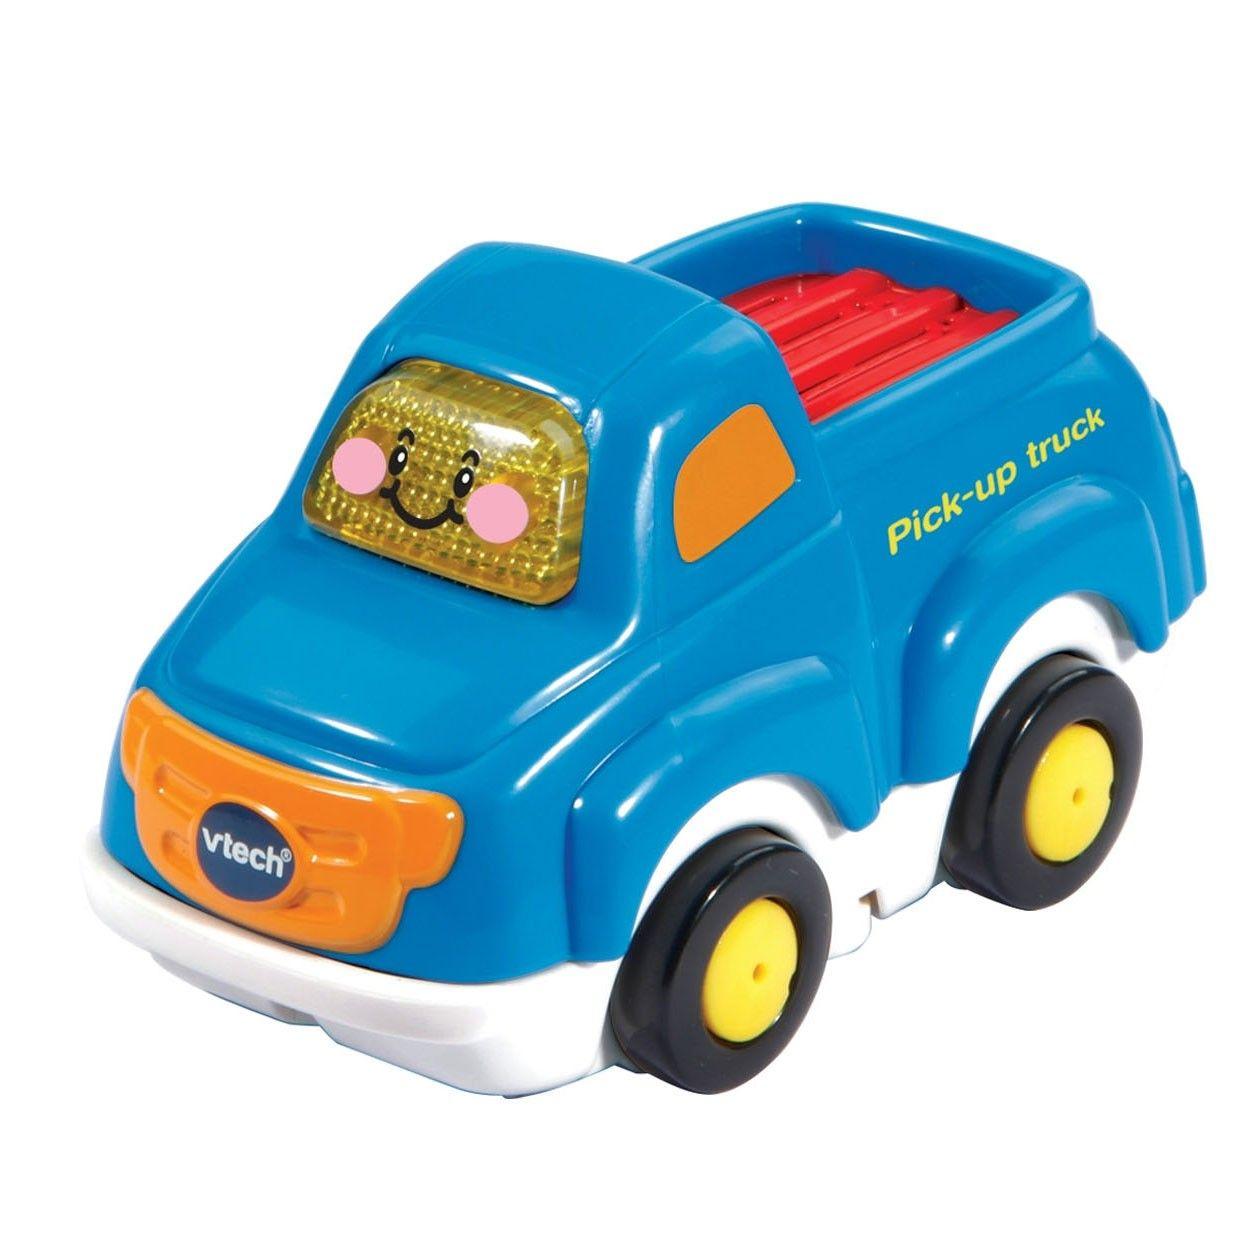 Vtech Toet Toet Auto S Paul Pick Up Truck Auto Liedjes Peuterspeelgoed